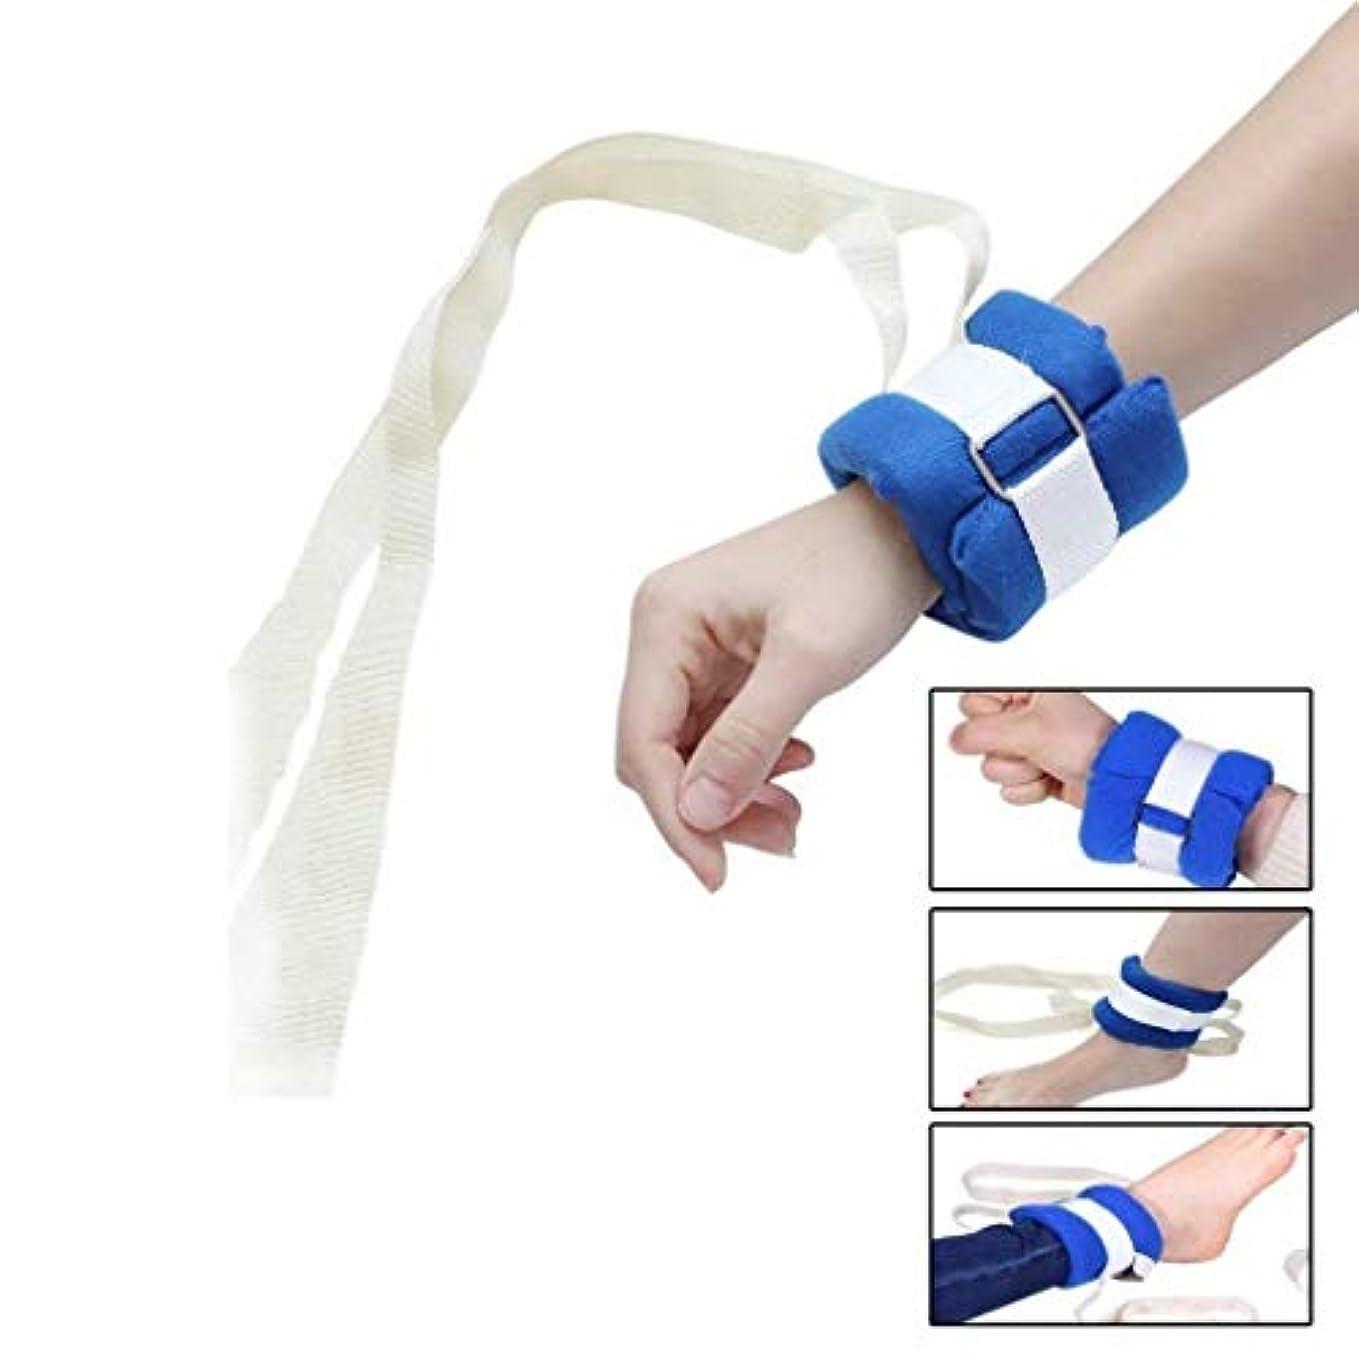 クレーターファーザーファージュ軽食手や足のための調節可能な肢ホルダー - 高齢者痴呆ユニバーサル制約制御 - クイックリリース肢ホルダー